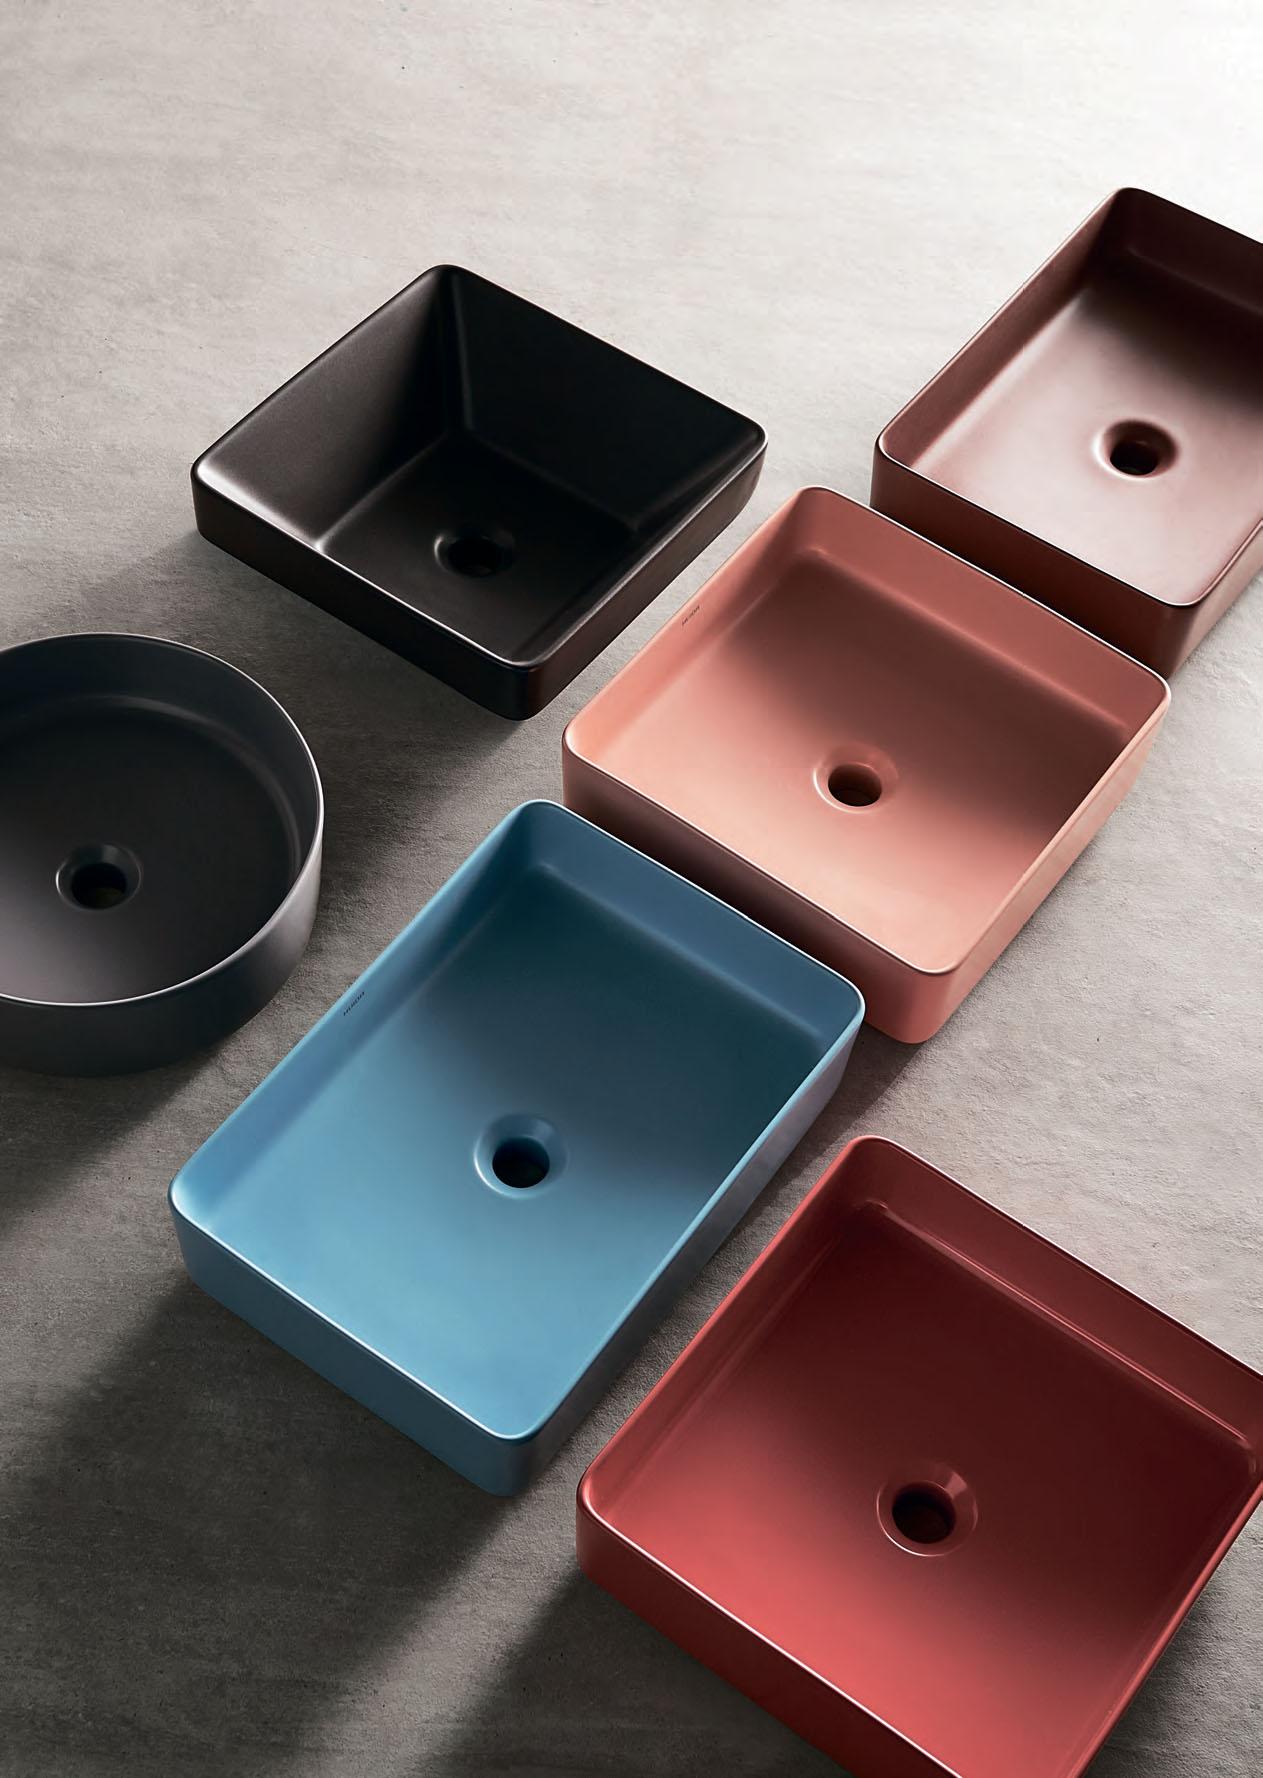 Раковина (умывальник) накладная цветные прамоугольные и квадратные тонкостенная Creo